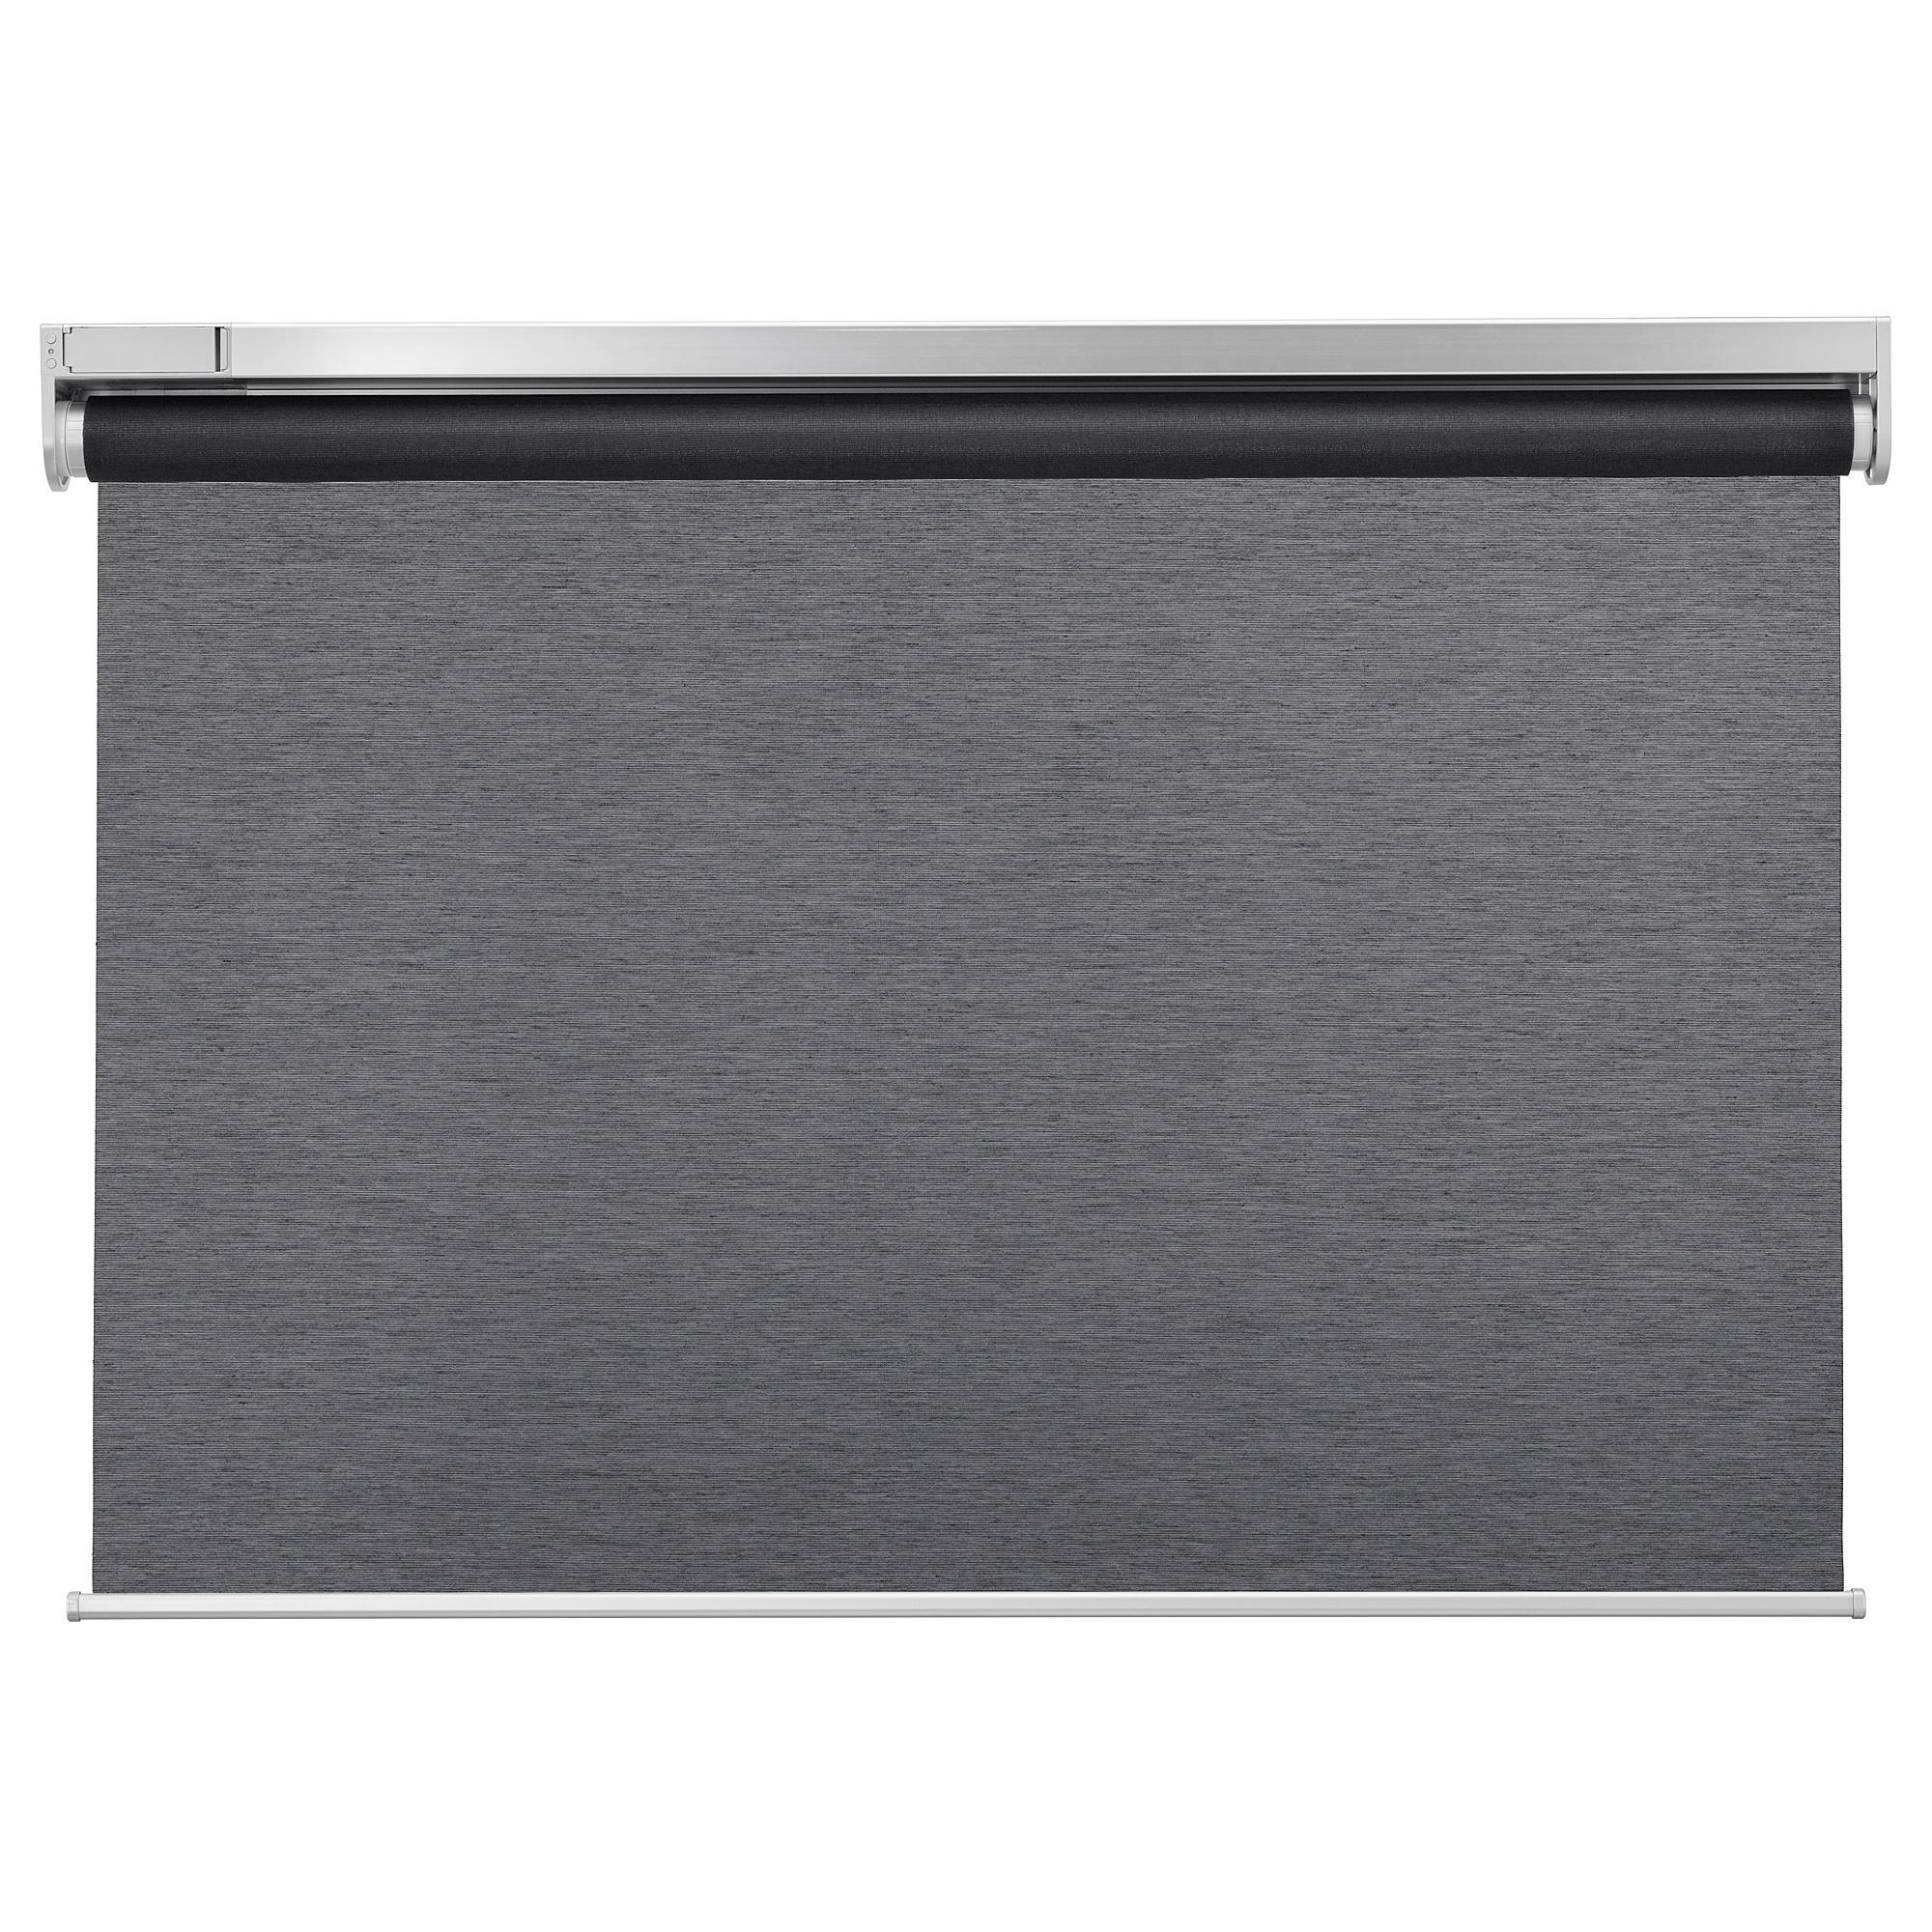 KADRILJ - 捲軸簾, 100x195cm, 無線/電池操作 灰色 | IKEA Hong Kong